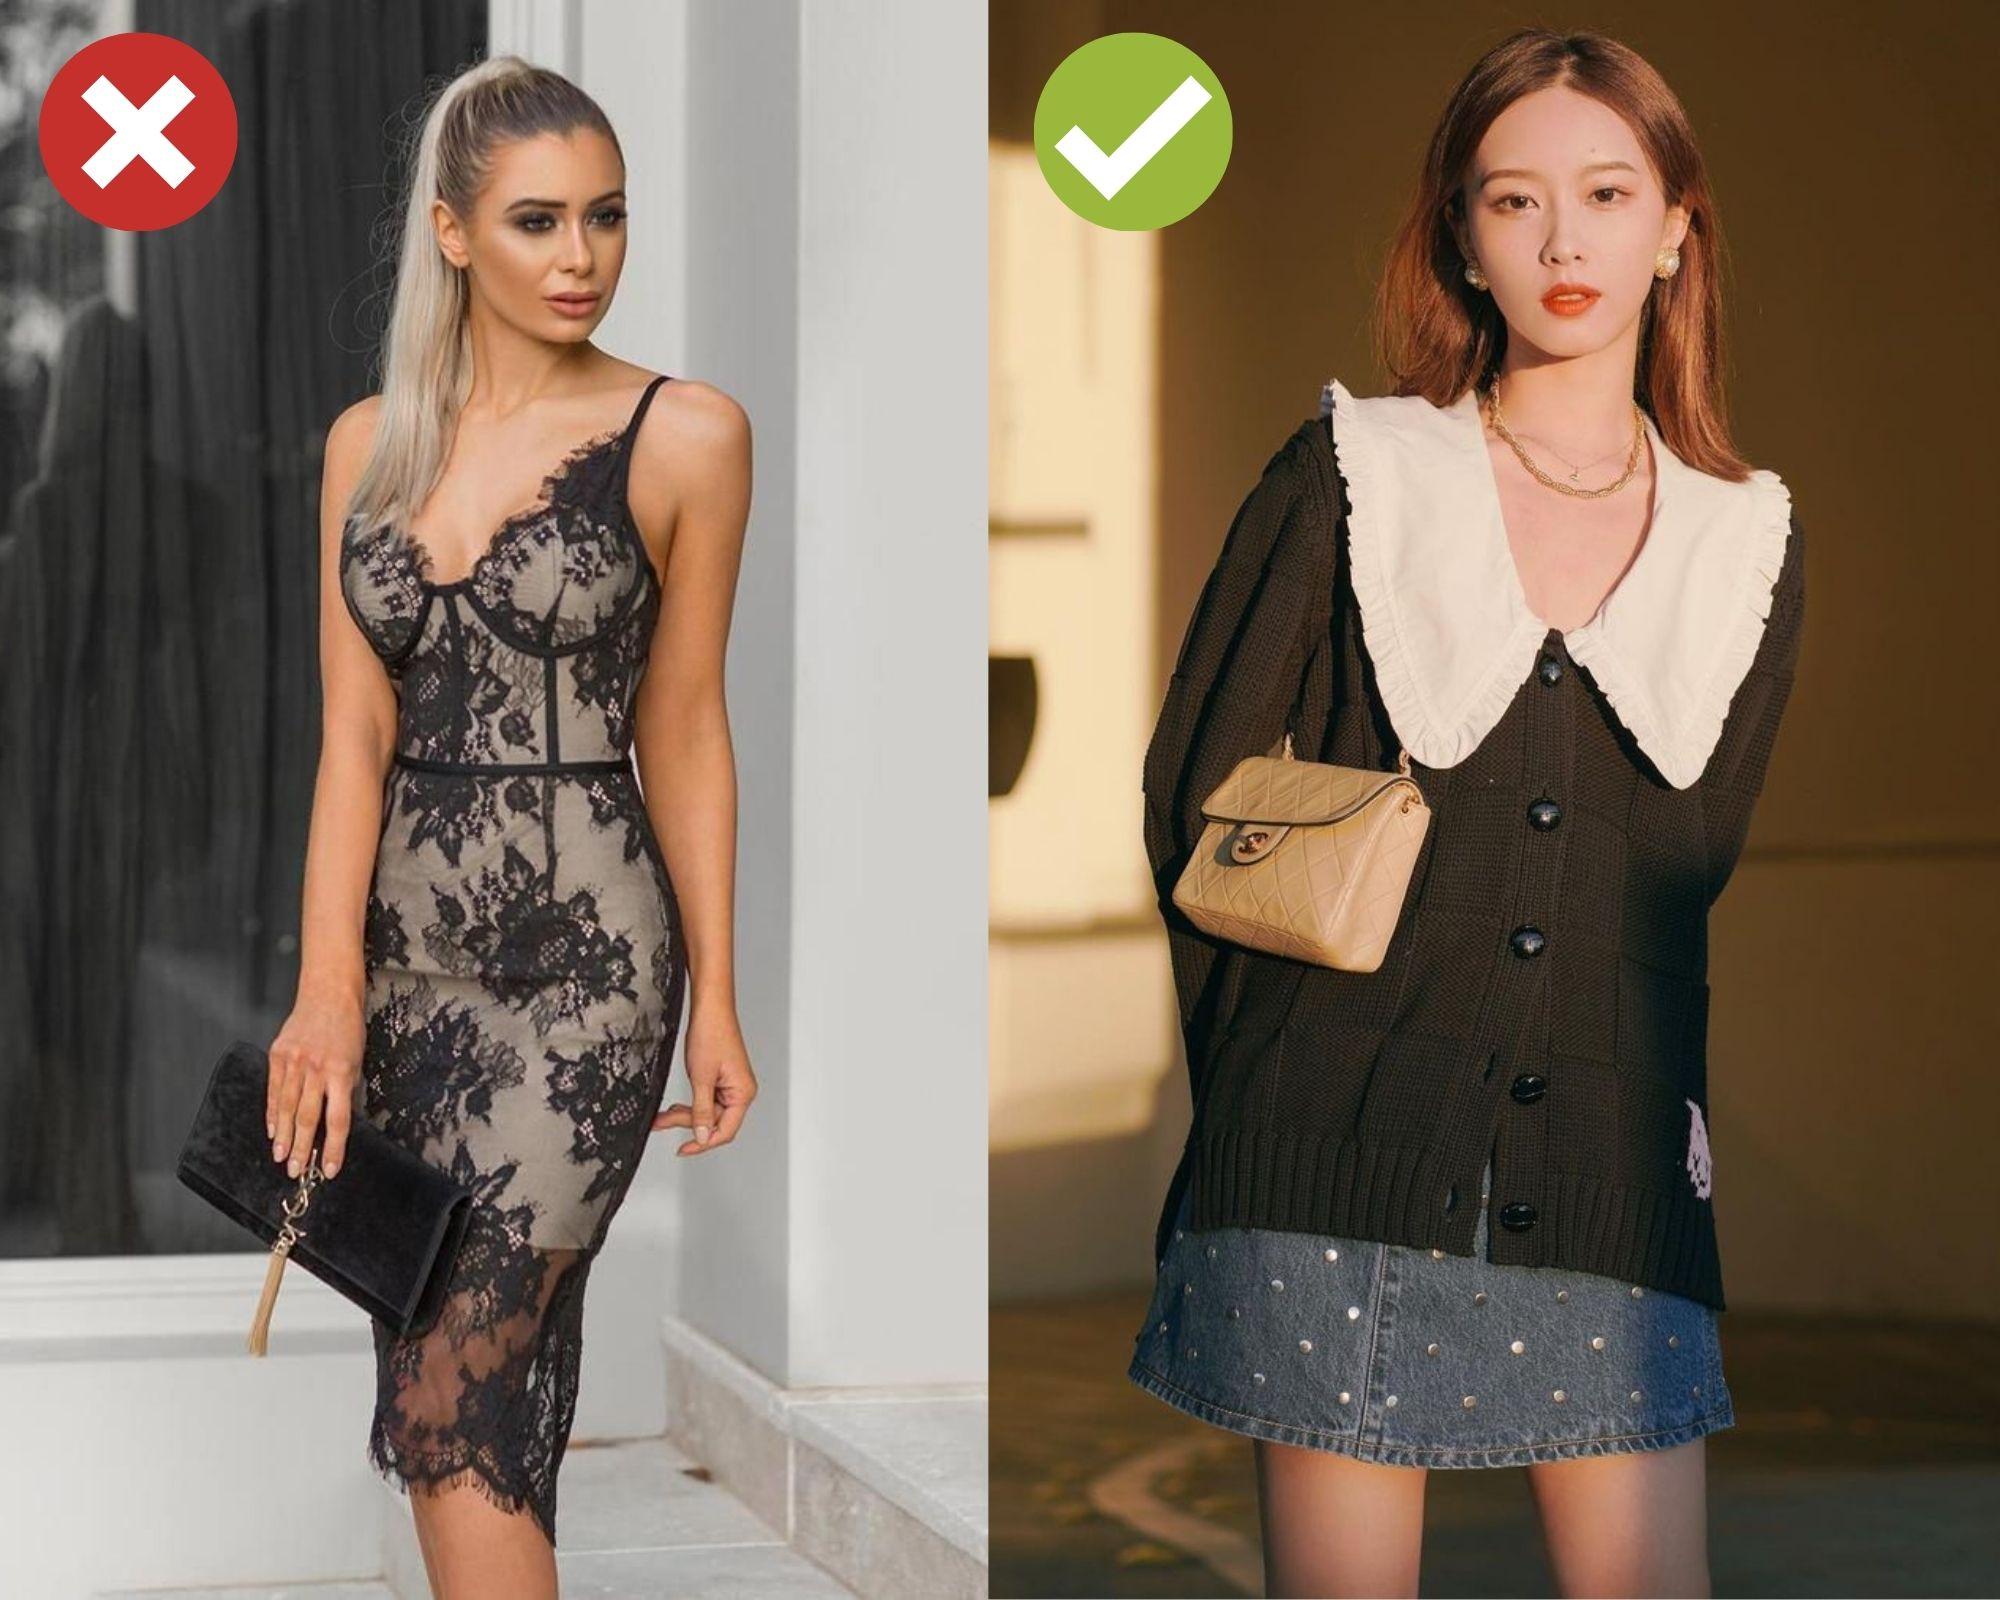 Trót dại diện 4 kiểu trang phục sau đi tiệc Tất niên cuối năm của công ty, thế nào chị em cũng bị chê là thiếu ý tứ  - Ảnh 4.